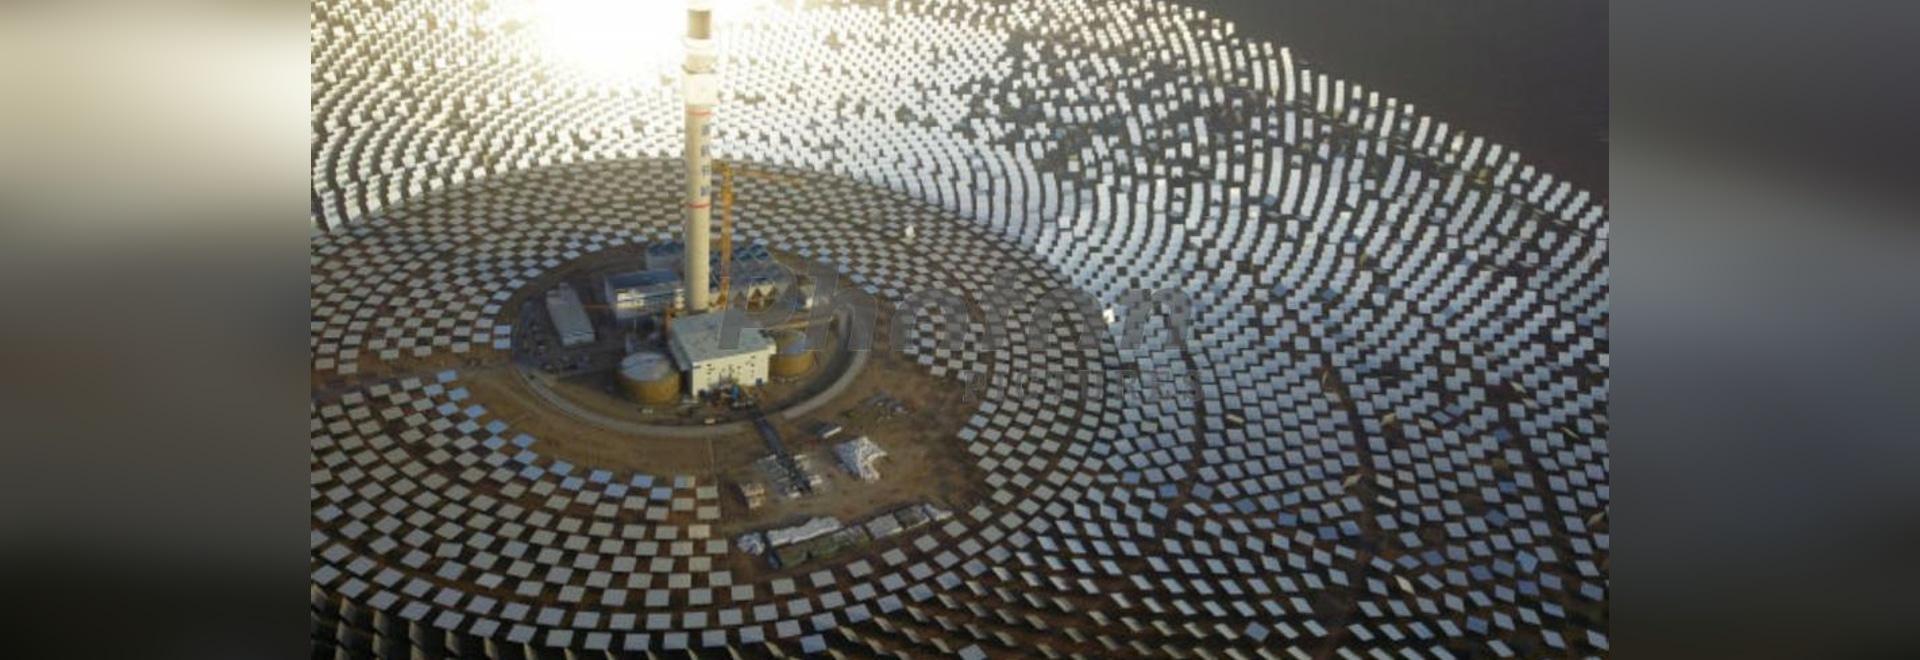 Shouhang Dunhuang 100 MW molten salt ower CSP project